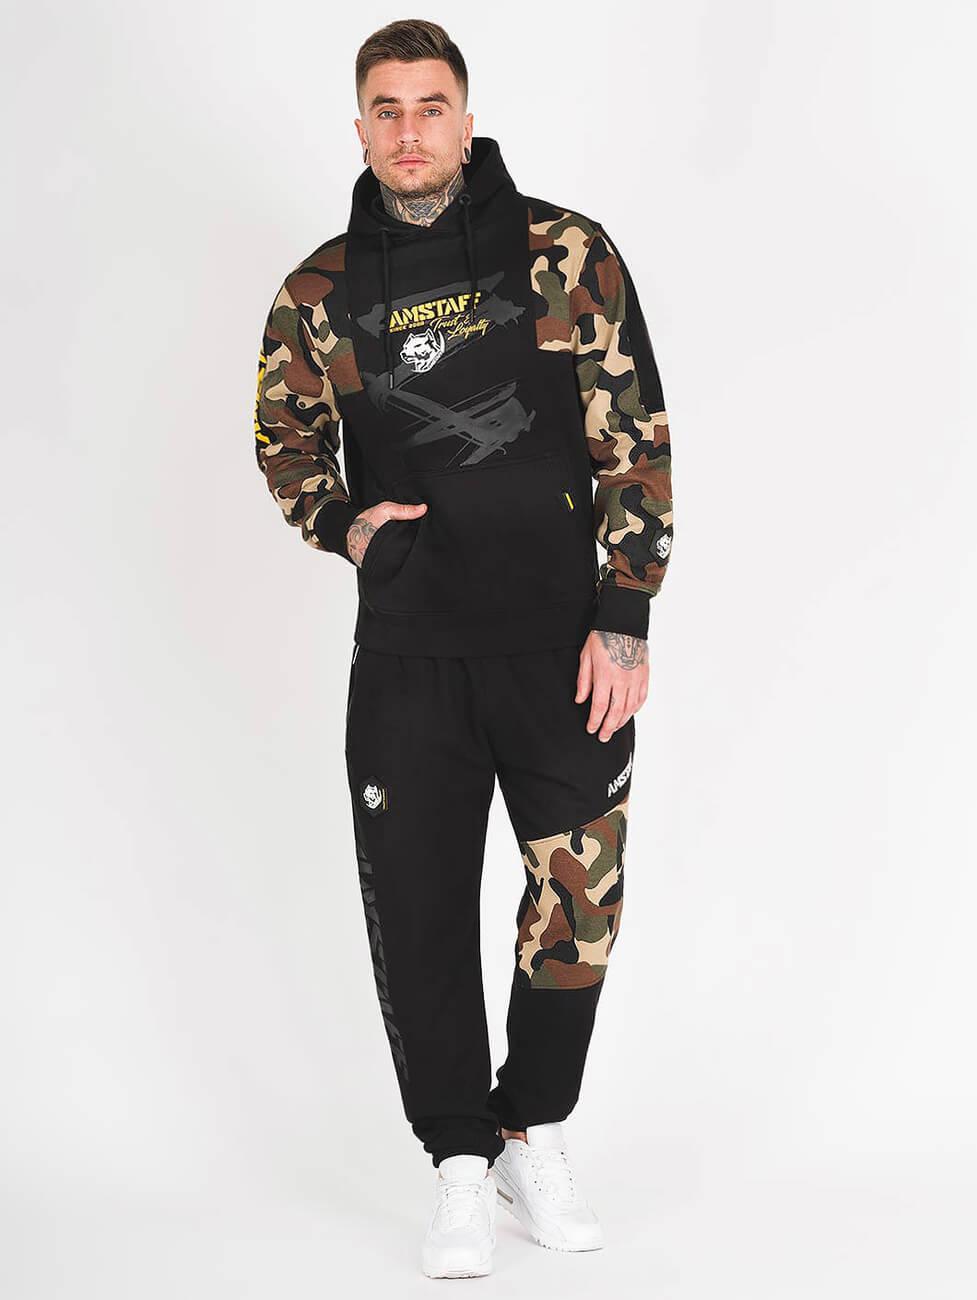 Камуфляжный спортивный костюм мужской серии одежды Amstaff Husar